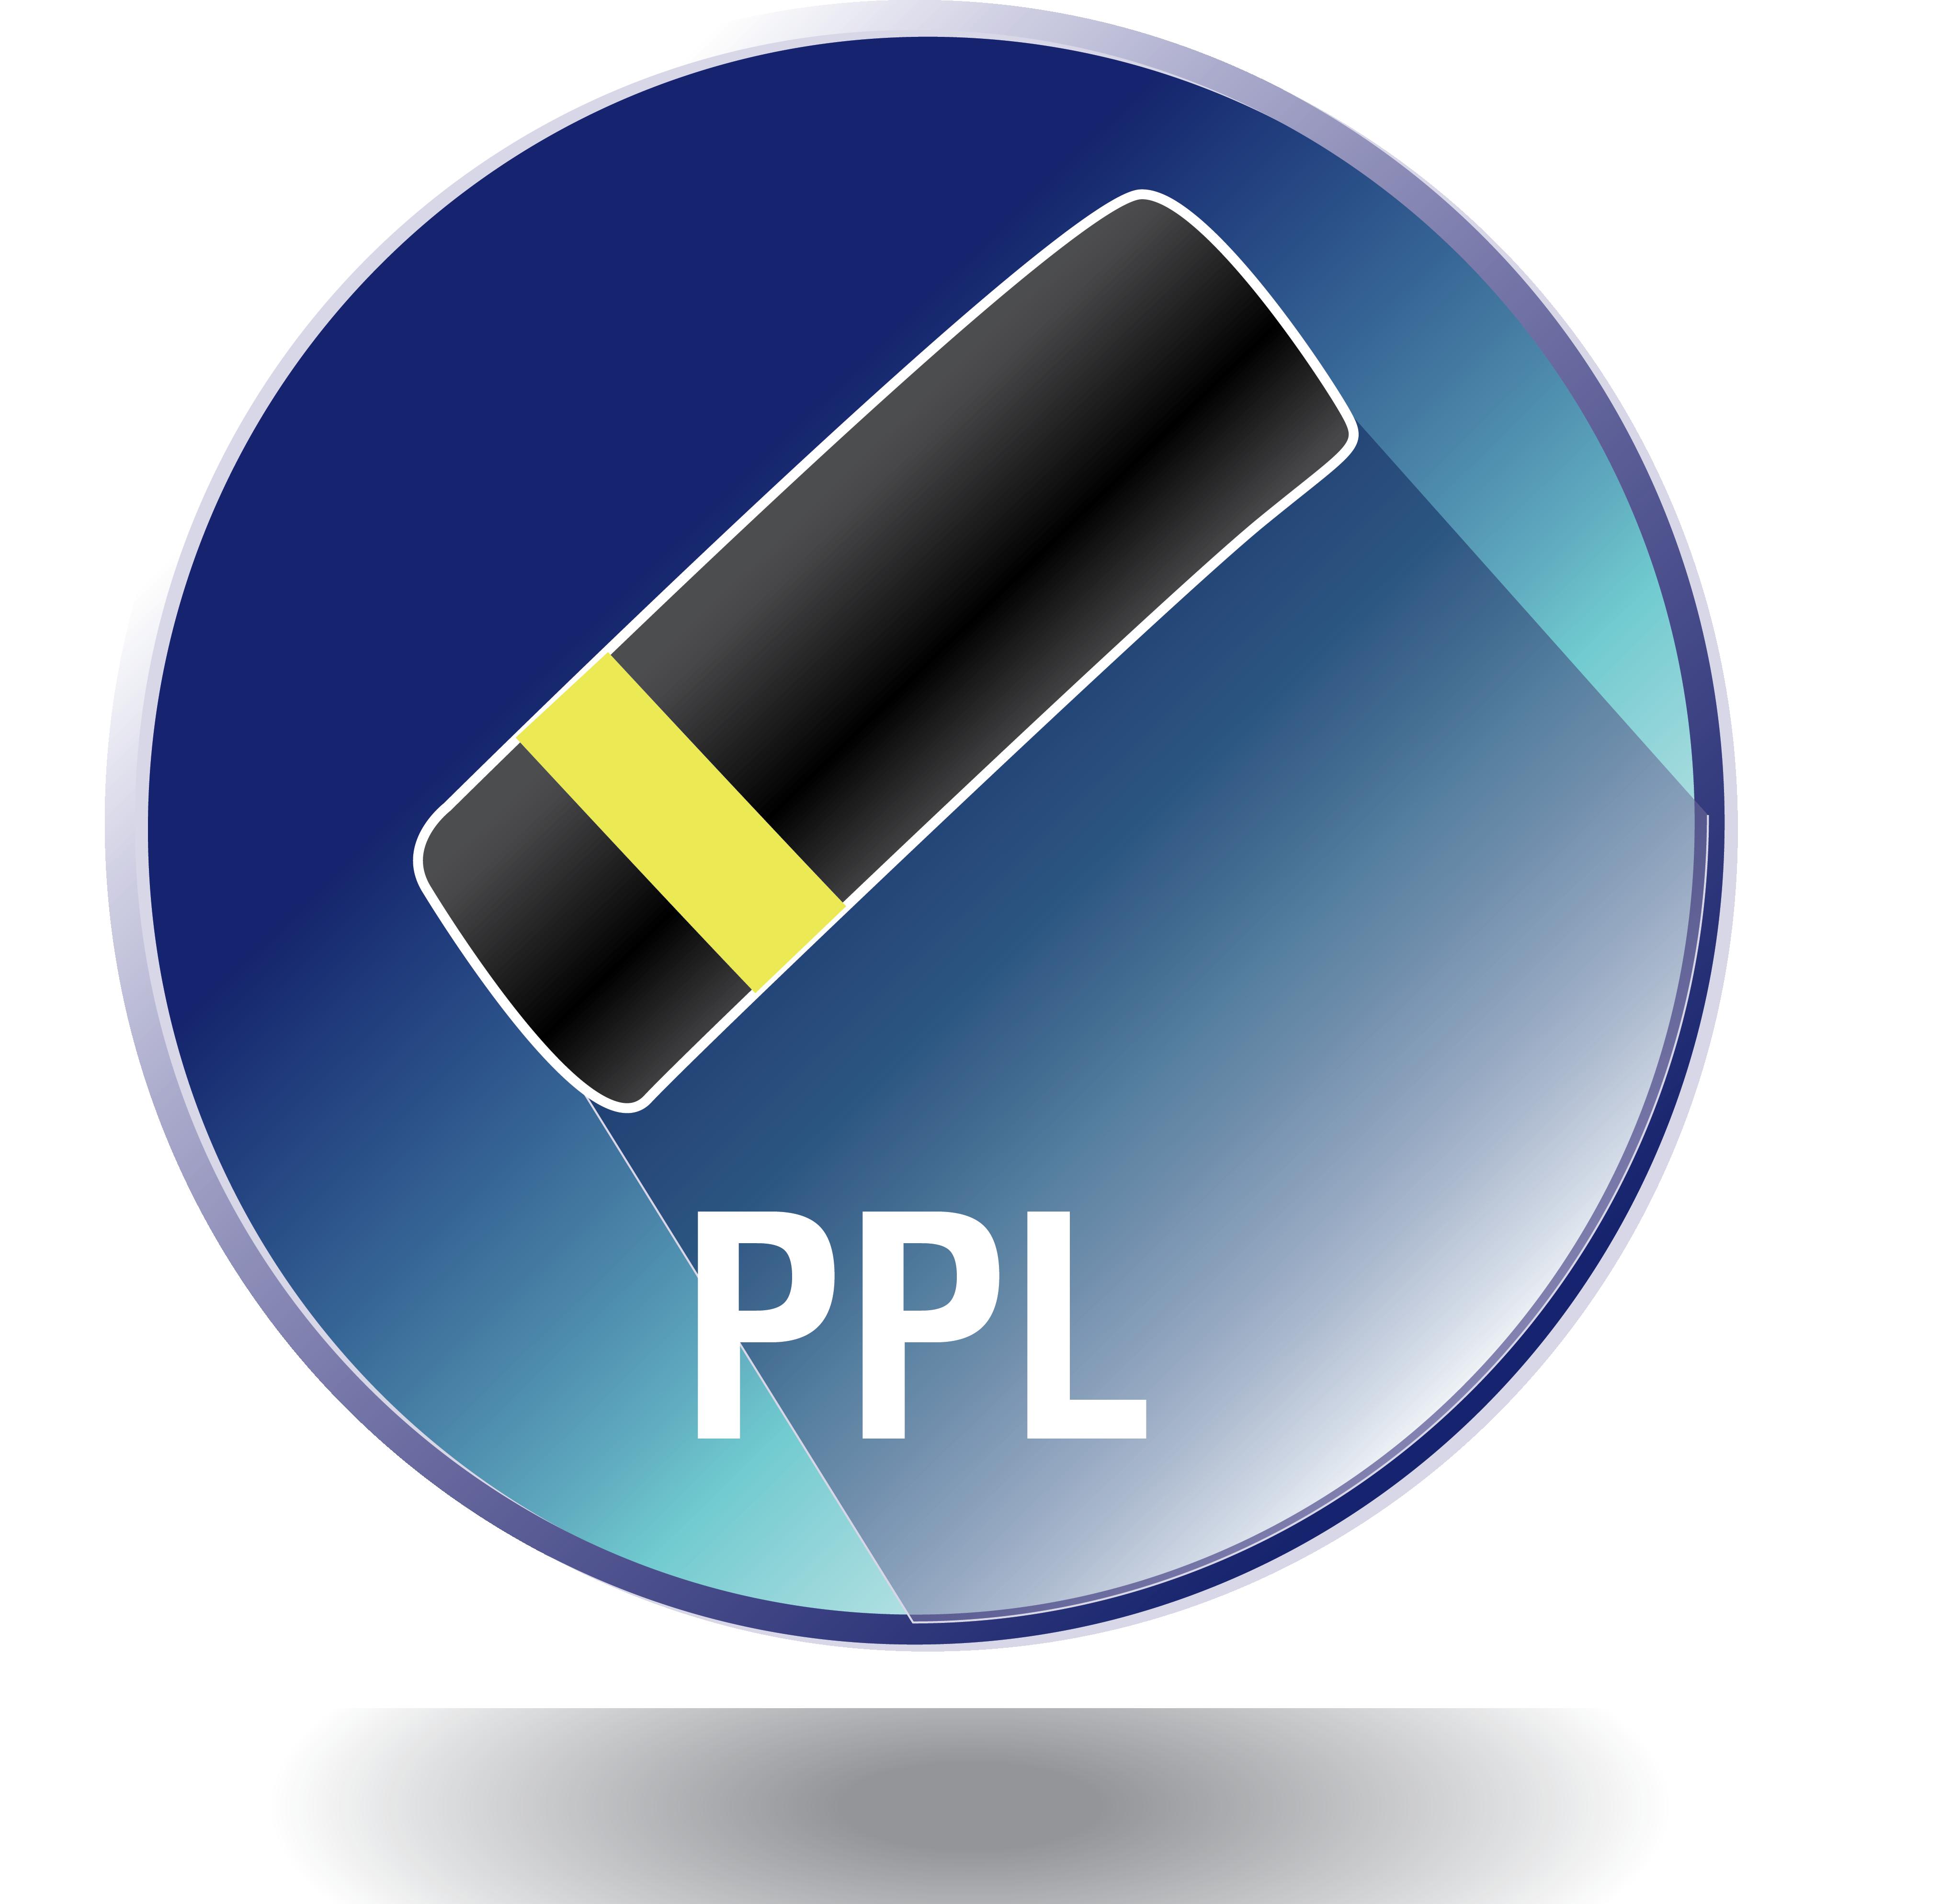 PPL Tab